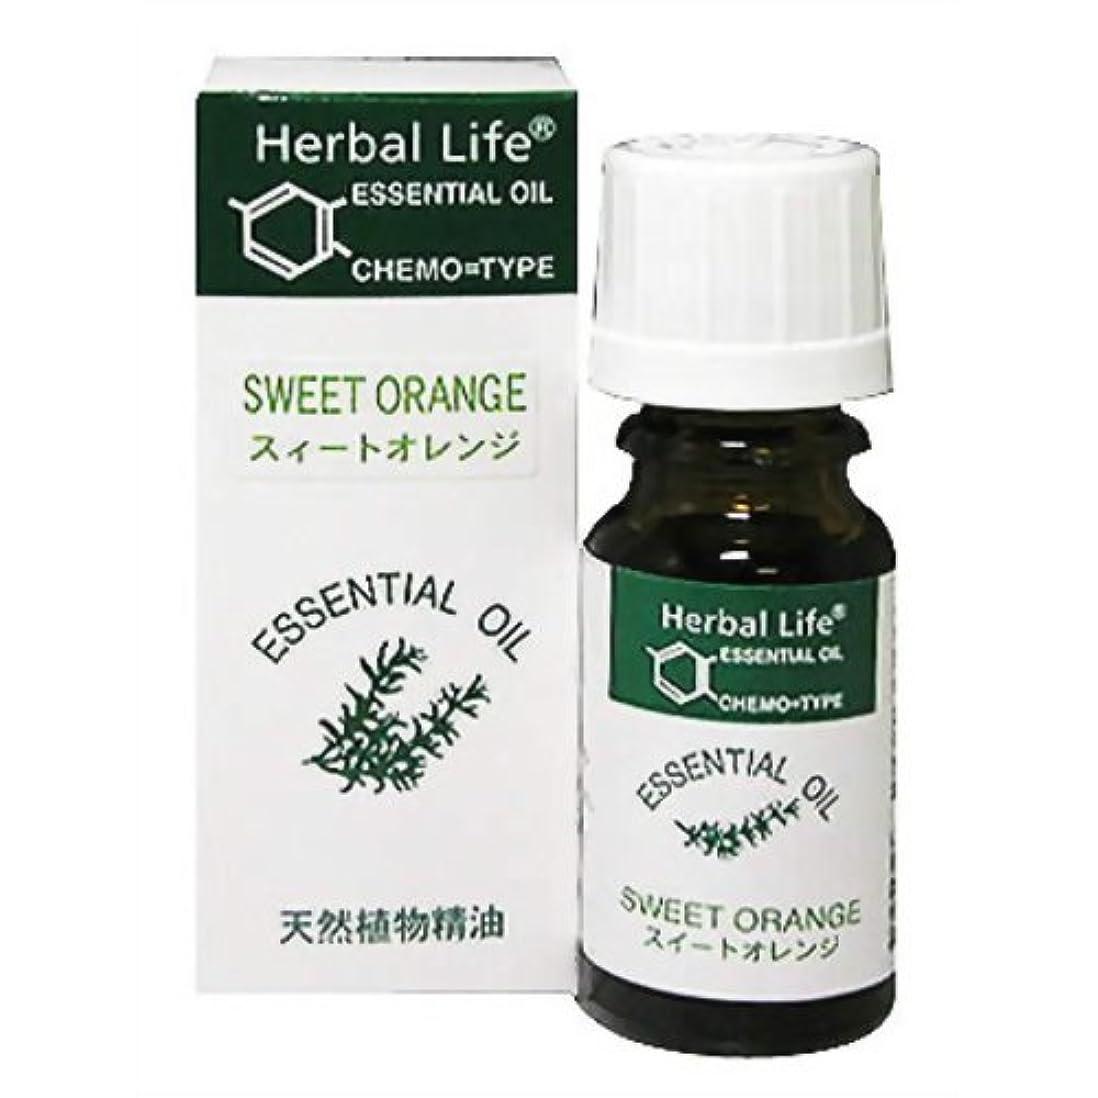 破裂予防接種する波生活の木 Herbal Life スィートオレンジ 10ml